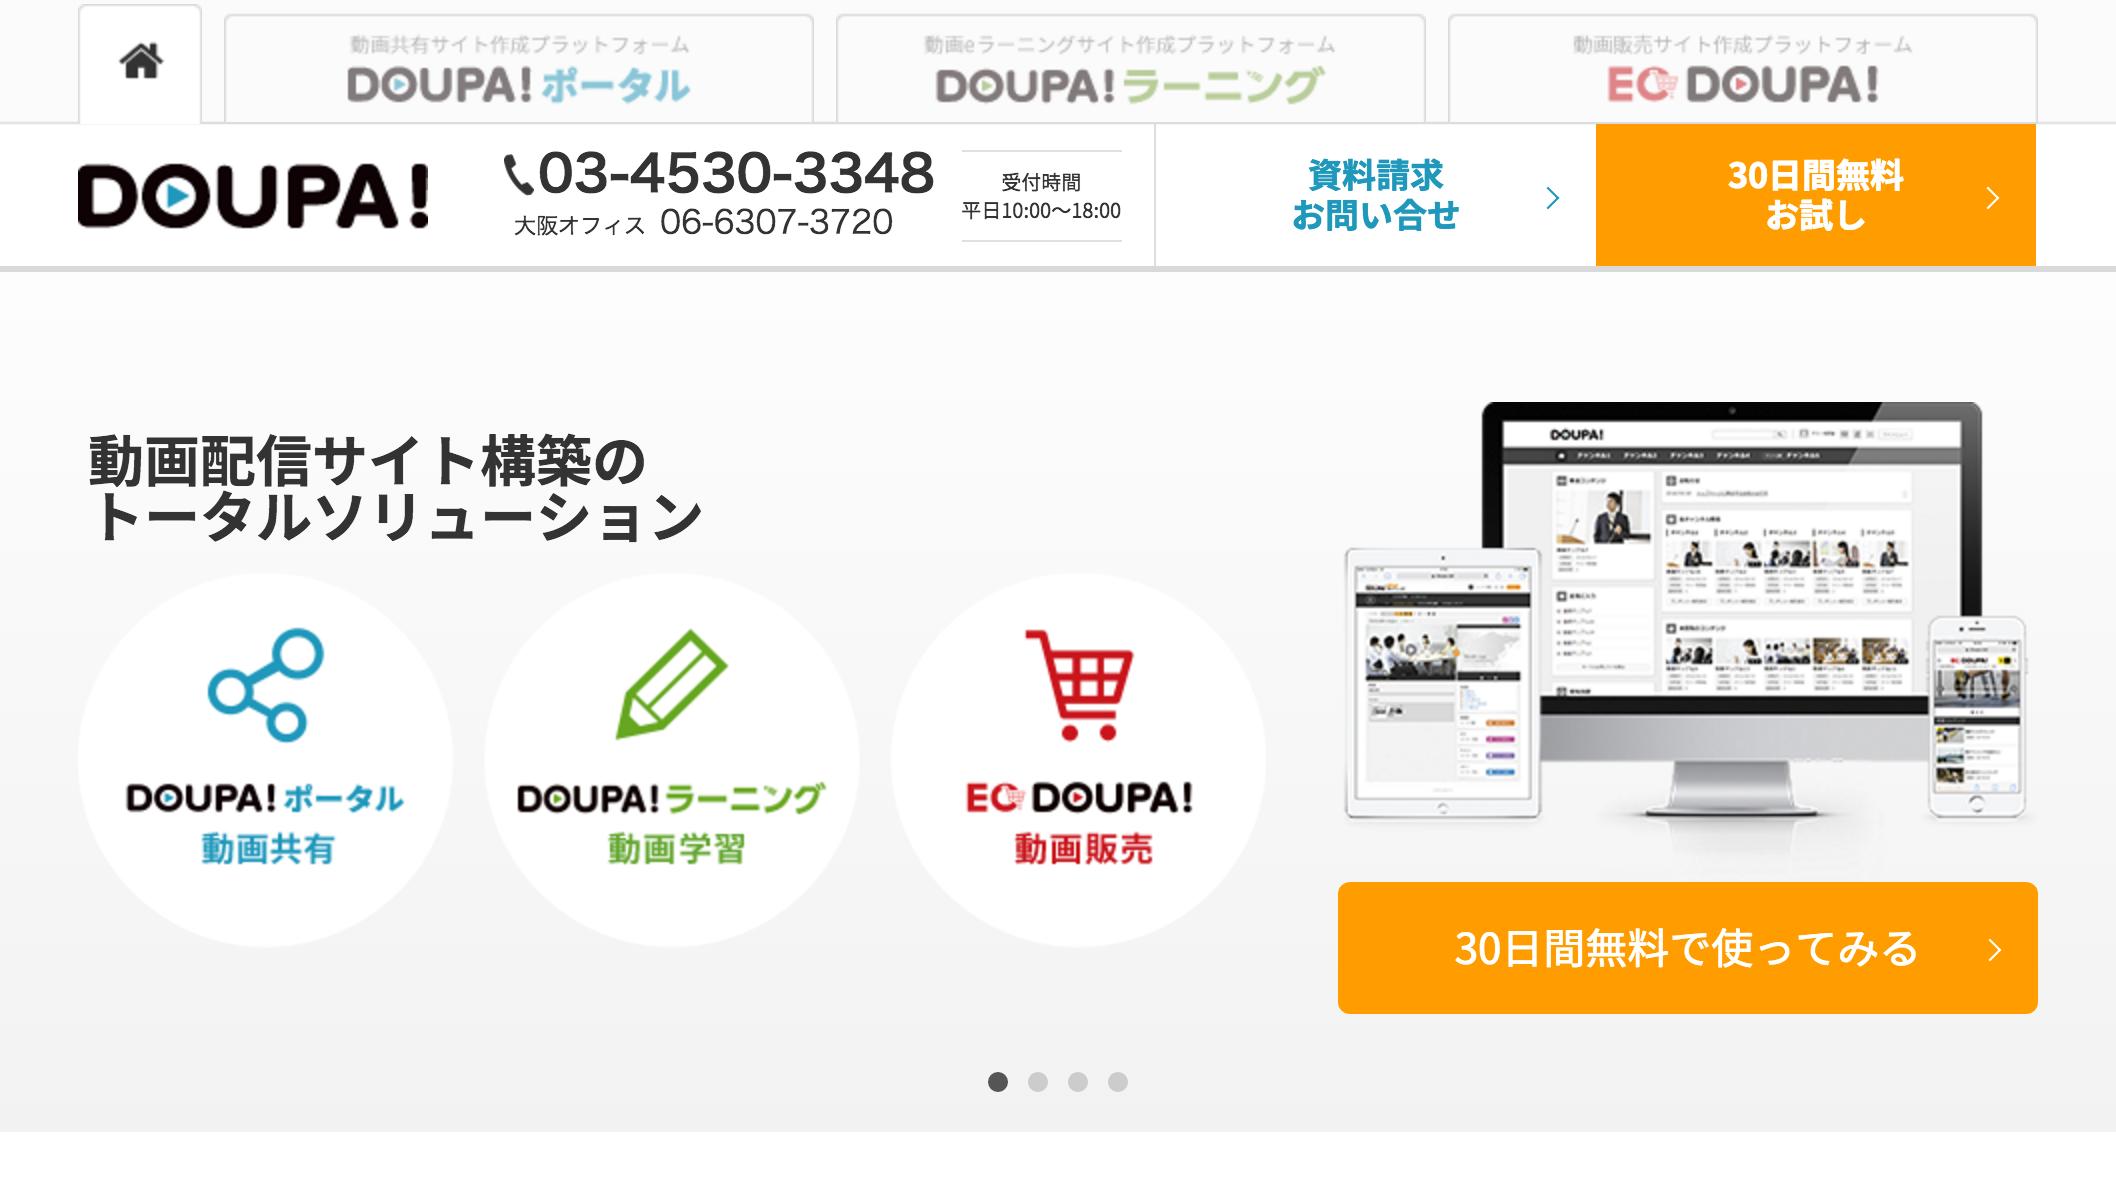 法人向け 有料動画配信システム の 選定 ポイント と 比較 まとめ一覧についてDOUPA! (ドウパ) : インフォームシステム